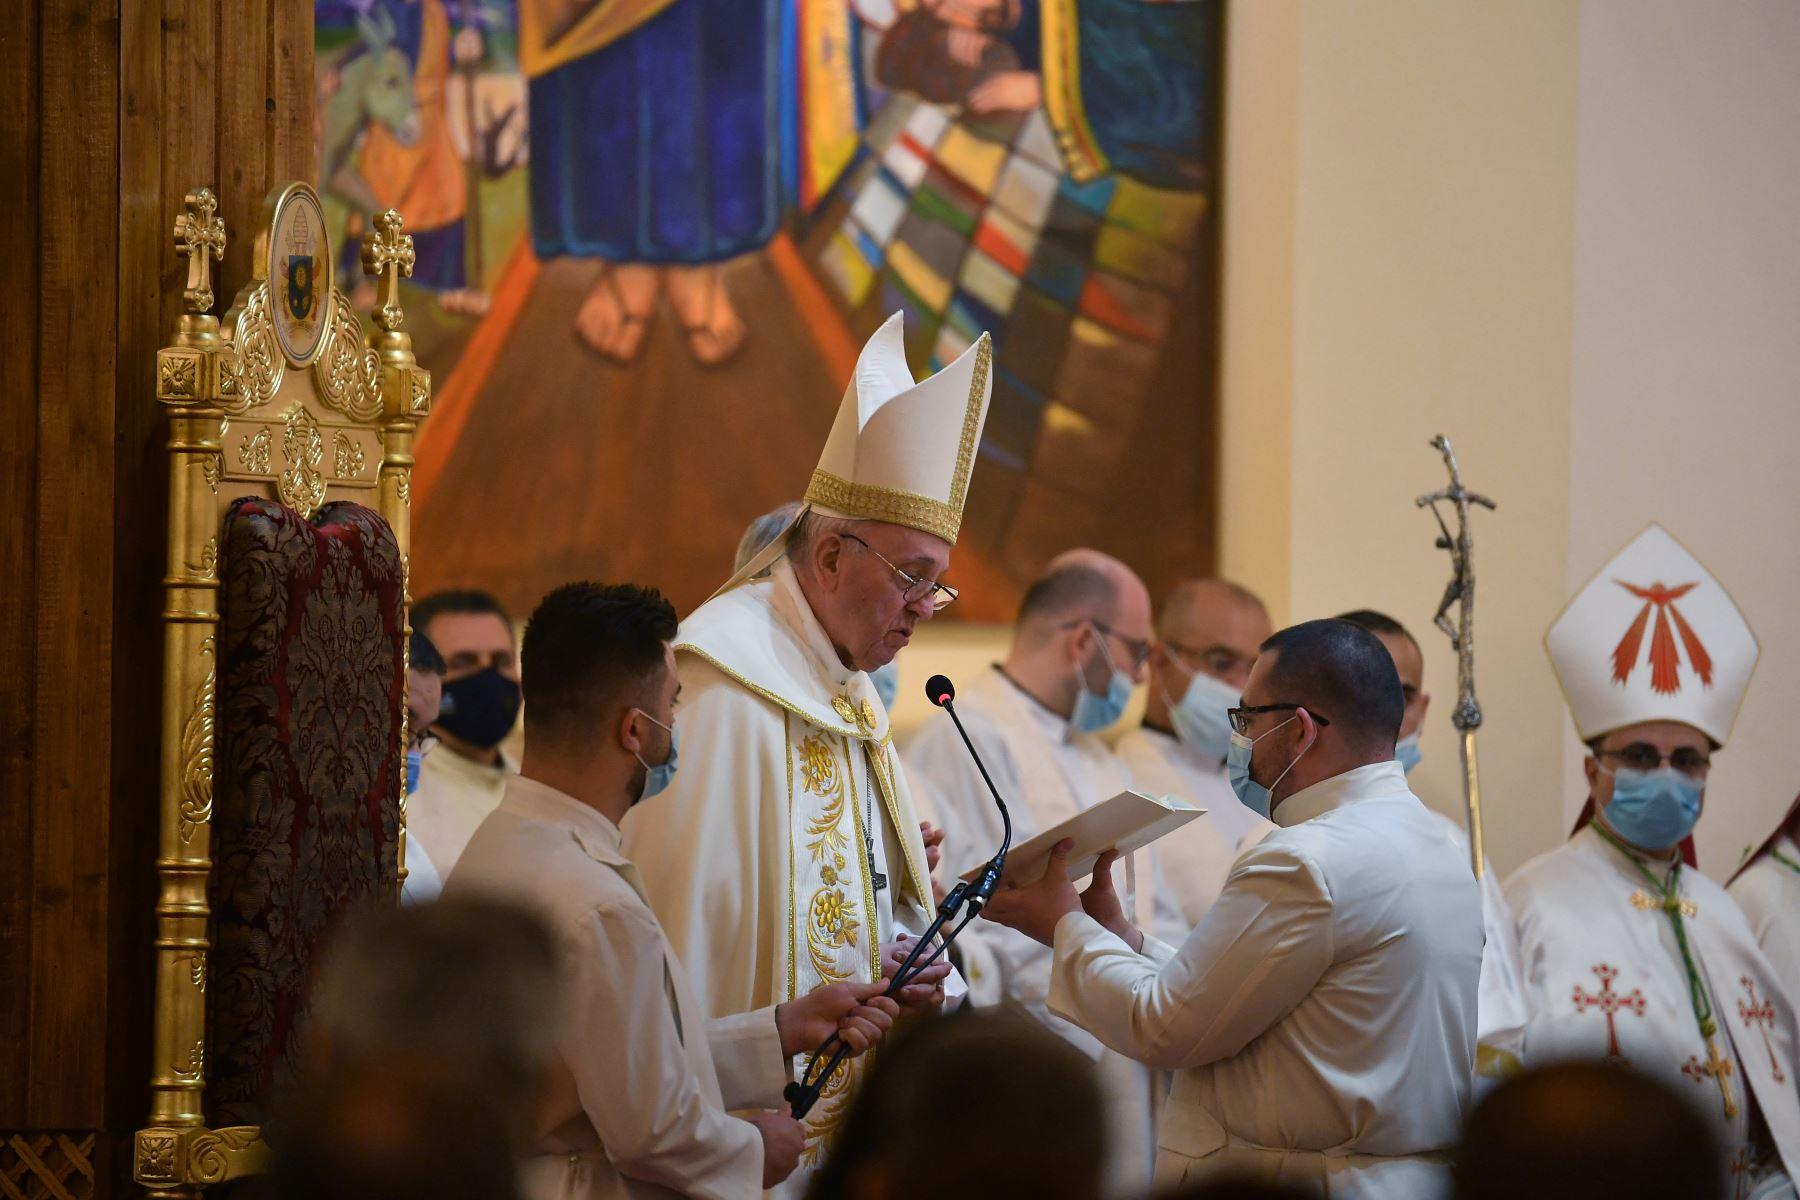 El Papa Francisco lee la liturgia mientras dirige la misa en la Catedral de San José de Bagdad en el segundo día de la primera visita papal a Irak. Foto: AFP